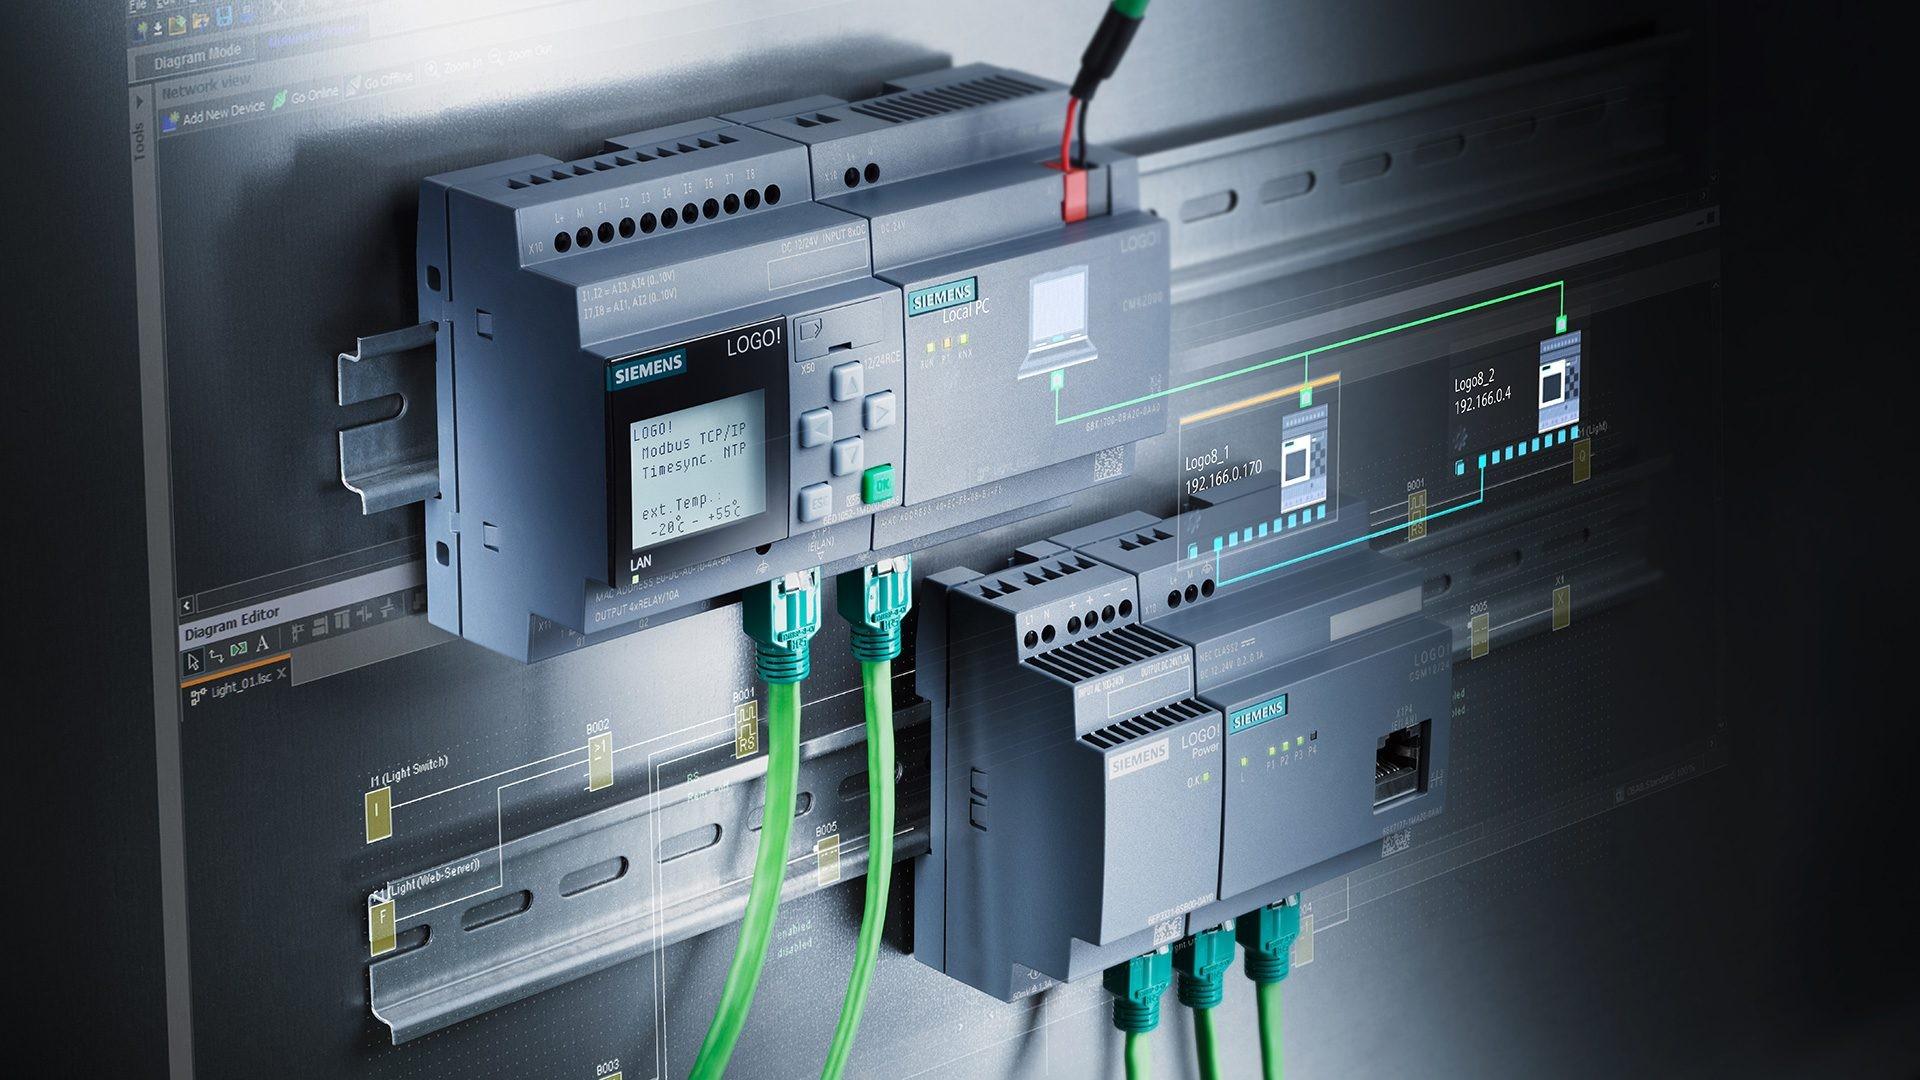 Sps Siemens Vipa Logo Ip Symcon Automatisierungssoftware 8